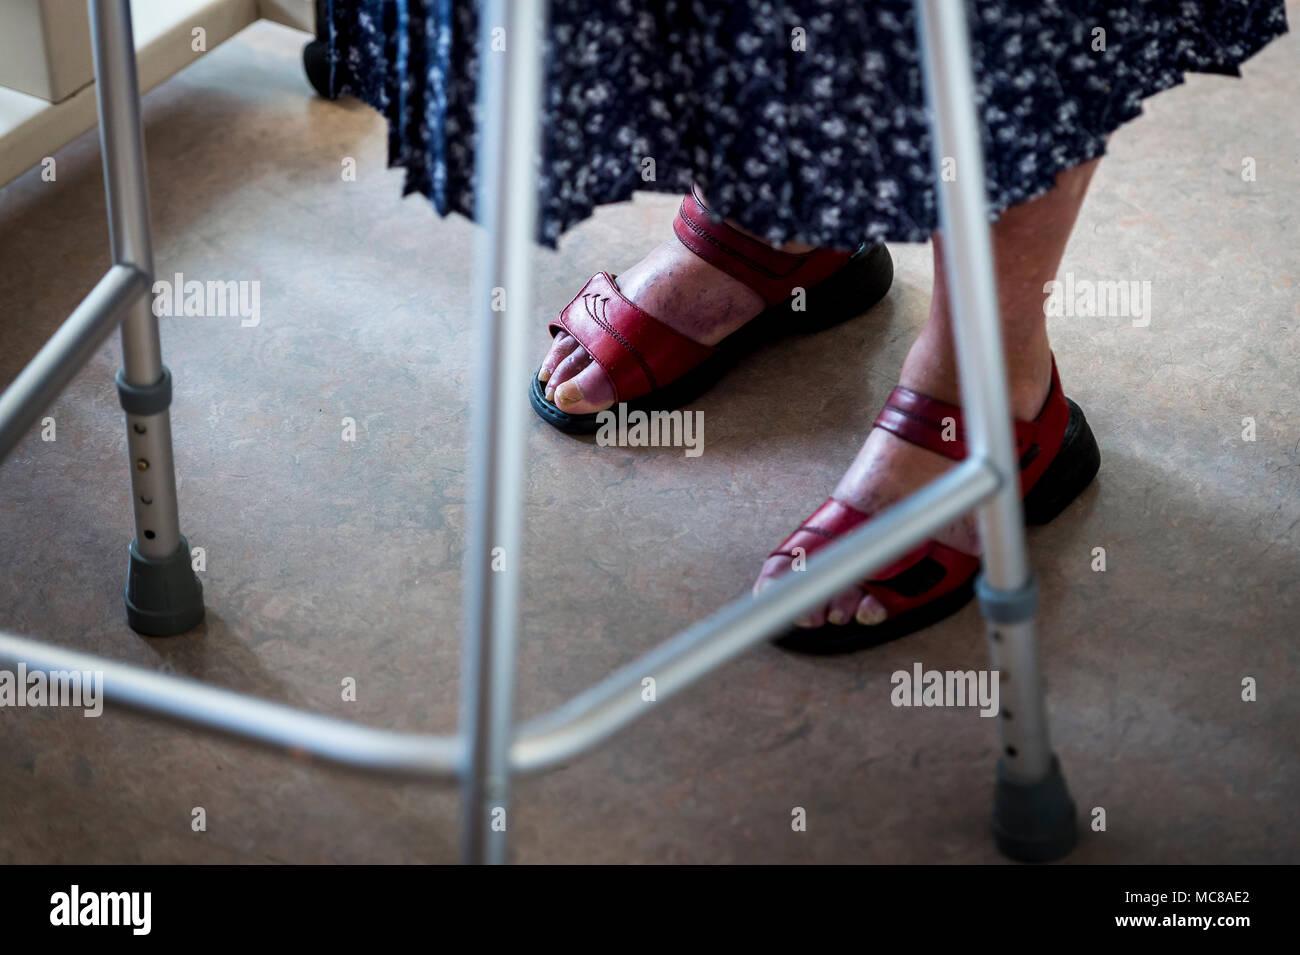 Dame âgée à l'aide d'un déambulateur pour faciliter sa mobilité. Photo Stock